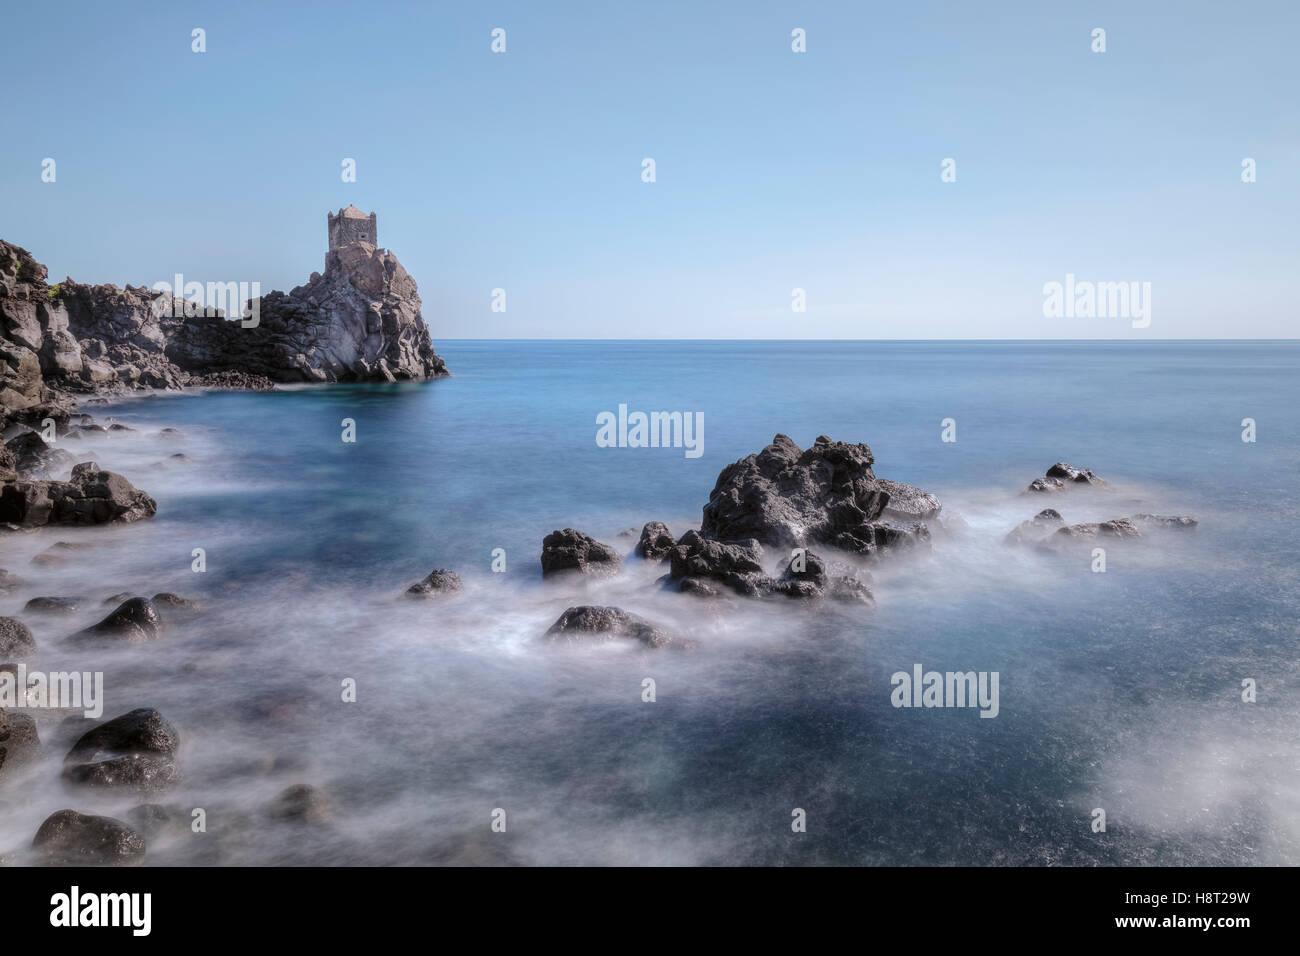 Wachturm, Santa Tecla, Acireale, Catania, Sizilien, Italien Stockbild